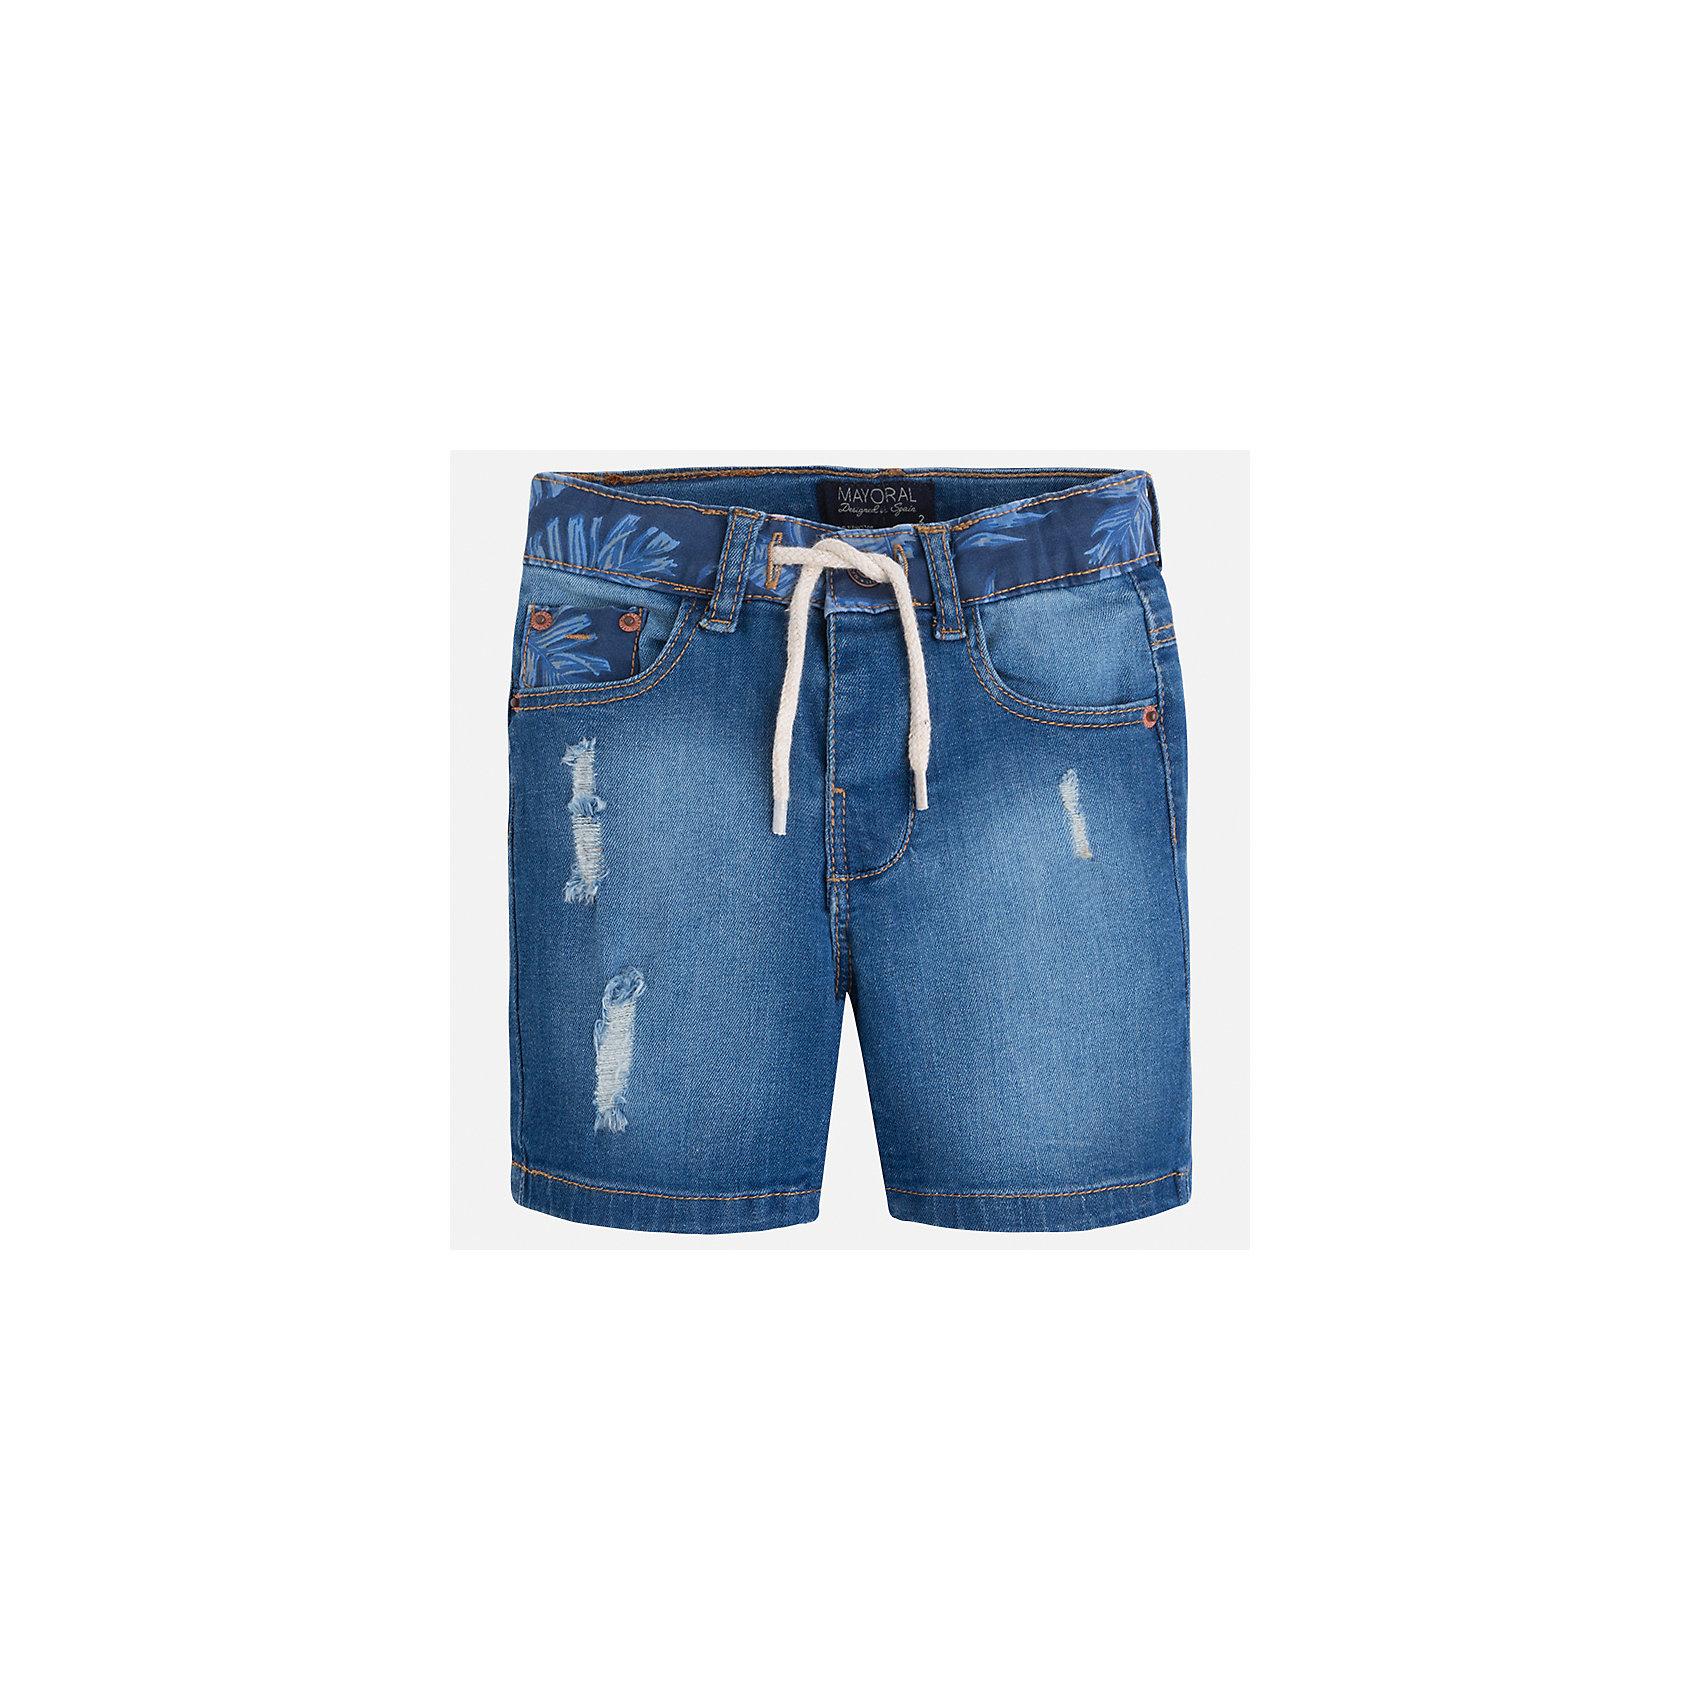 Бриджи джинсовые для мальчика MayoralЛови волну<br>Характеристики товара:<br><br>• цвет: синий<br>• состав: 97% хлопок, 3% эластан<br>• шлевки<br>• карманы<br>• пояс с регулировкой объема<br>• имитация потертости<br>• страна бренда: Испания<br><br>Модные бриджи для мальчика смогут стать базовой вещью в гардеробе ребенка. Они отлично сочетаются с майками, футболками, рубашками и т.д. Универсальный крой и цвет позволяет подобрать к вещи верх разных расцветок. Практичное и стильное изделие! В составе материала - натуральный хлопок, гипоаллергенный, приятный на ощупь, дышащий.<br><br>Одежда, обувь и аксессуары от испанского бренда Mayoral полюбились детям и взрослым по всему миру. Модели этой марки - стильные и удобные. Для их производства используются только безопасные, качественные материалы и фурнитура. Порадуйте ребенка модными и красивыми вещами от Mayoral! <br><br>Бриджи для мальчика от испанского бренда Mayoral (Майорал) можно купить в нашем интернет-магазине.<br><br>Ширина мм: 191<br>Глубина мм: 10<br>Высота мм: 175<br>Вес г: 273<br>Цвет: голубой<br>Возраст от месяцев: 72<br>Возраст до месяцев: 84<br>Пол: Мужской<br>Возраст: Детский<br>Размер: 122,110,128,116,104,92,134,98<br>SKU: 5272684